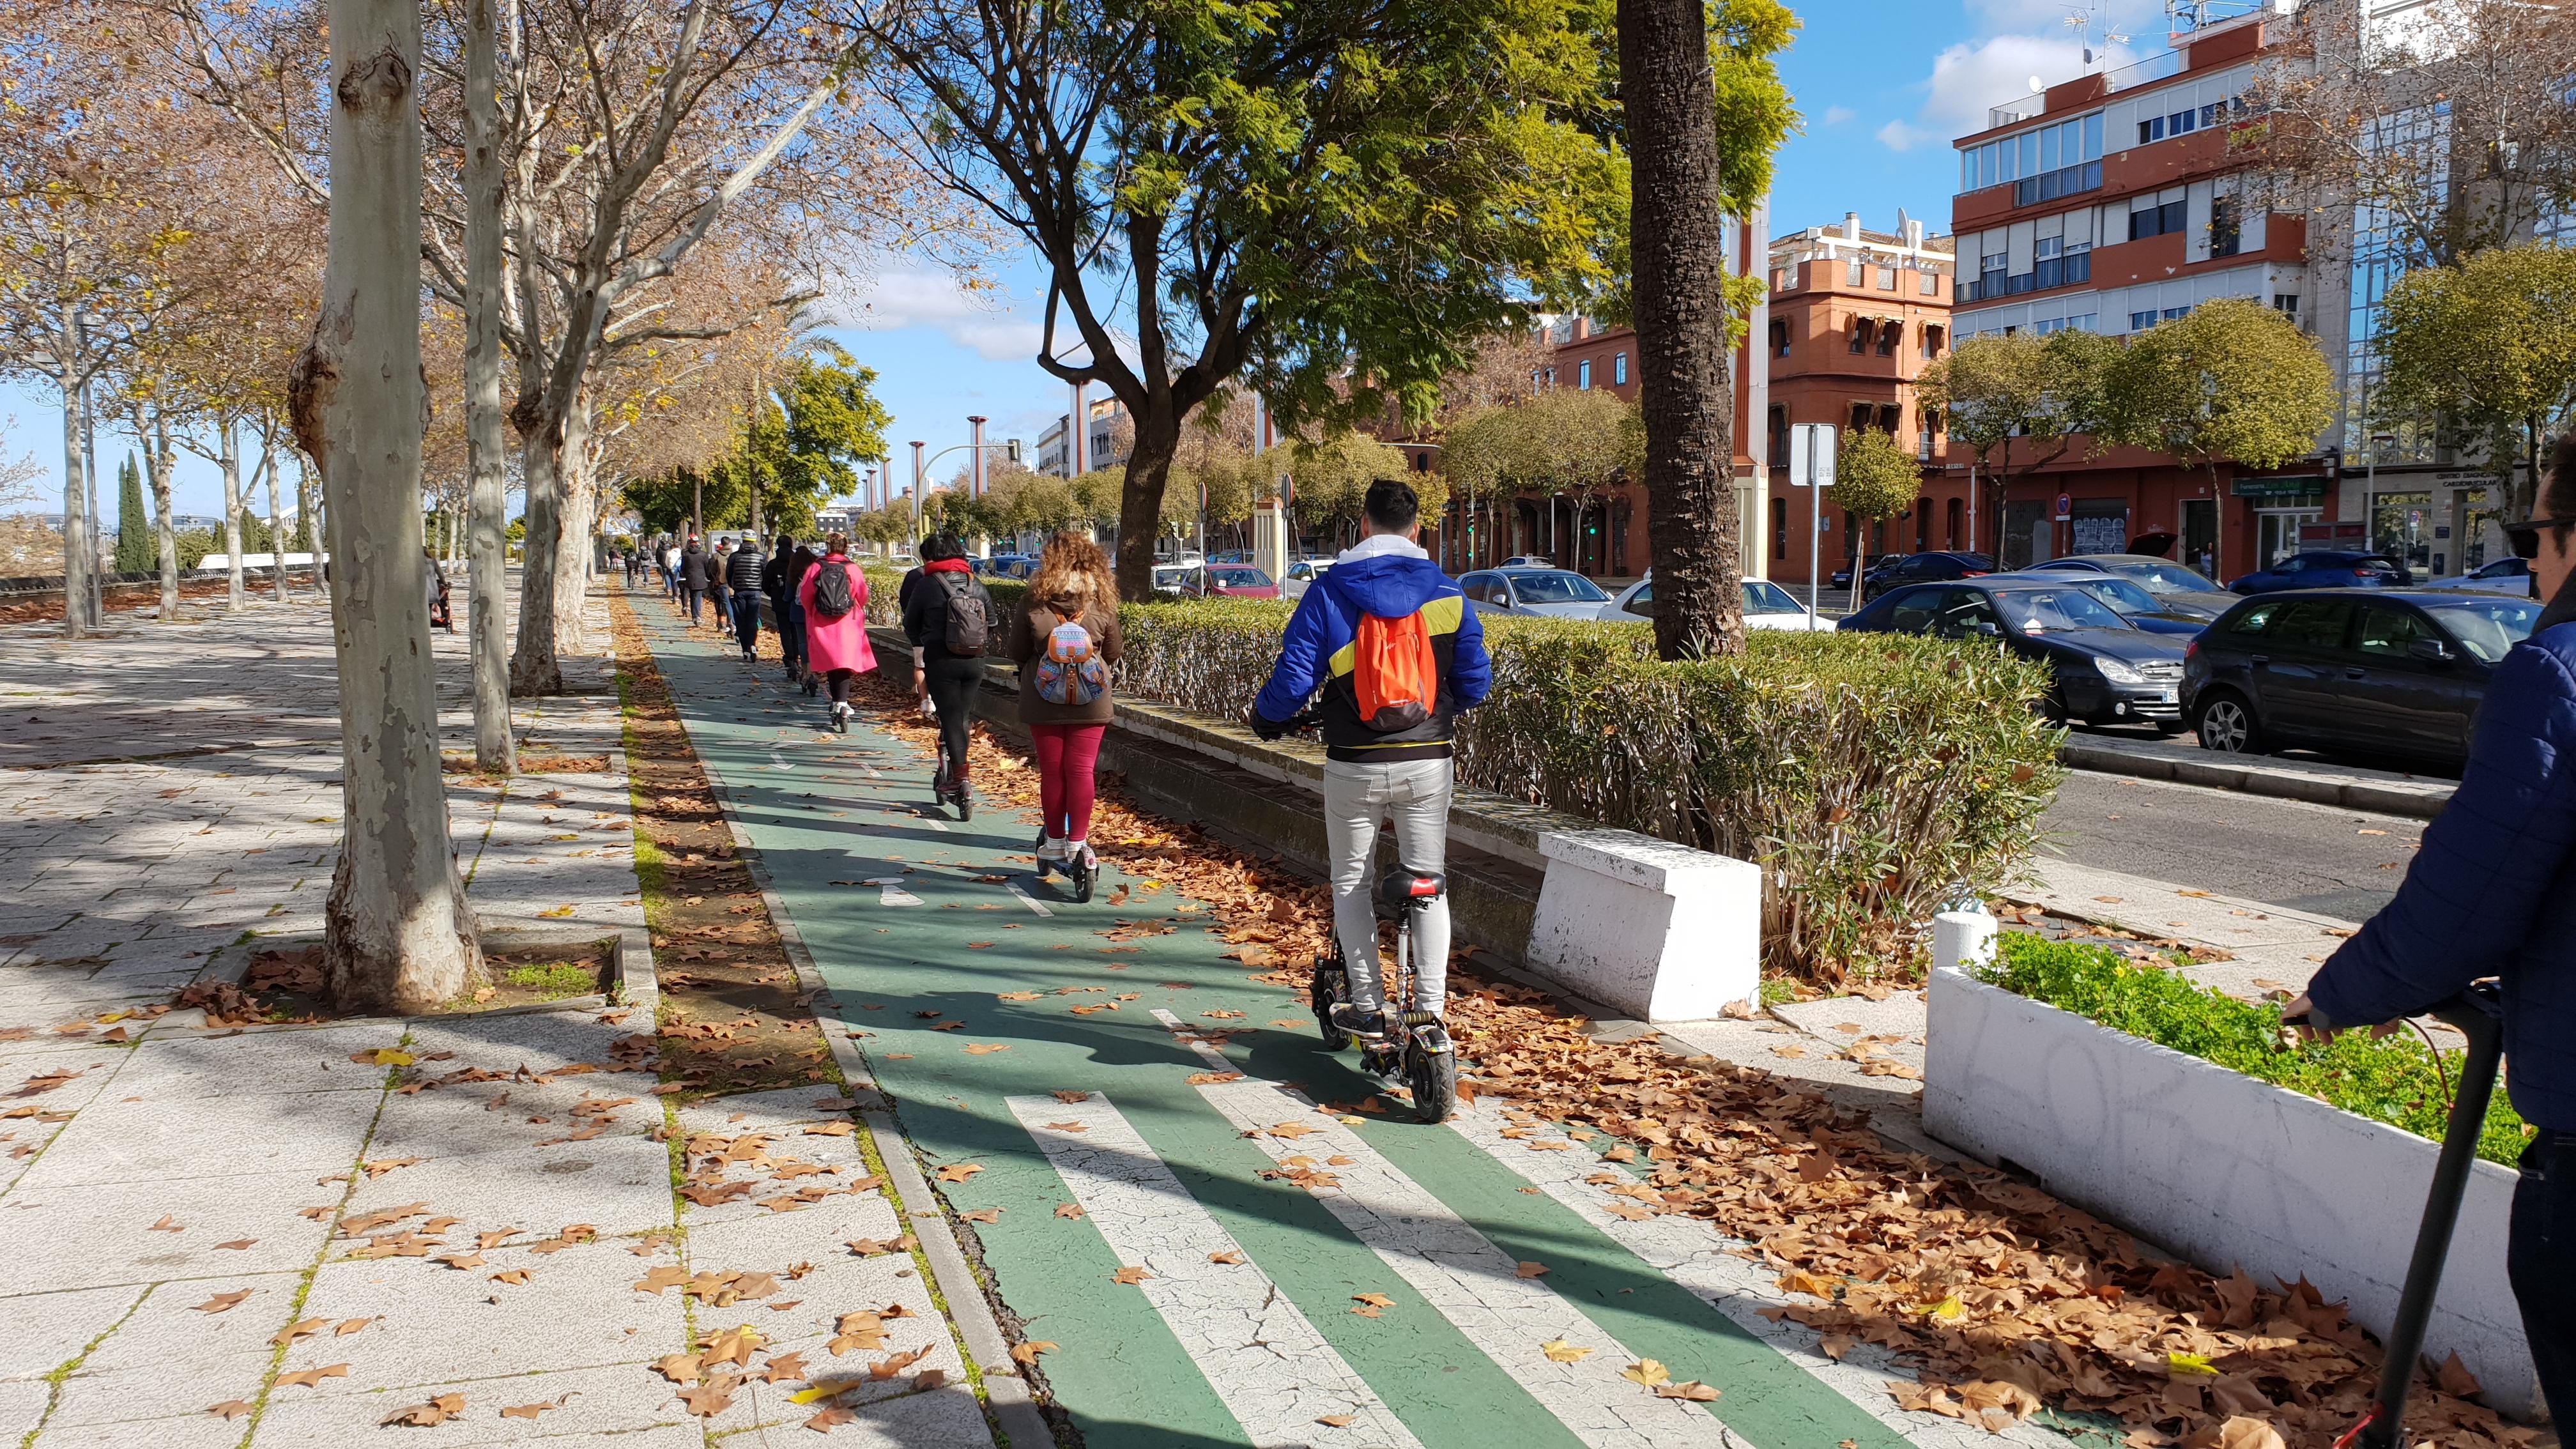 Carril Bici Sevilla Mapa.Mapa Carril Bici Sevilla Ampes